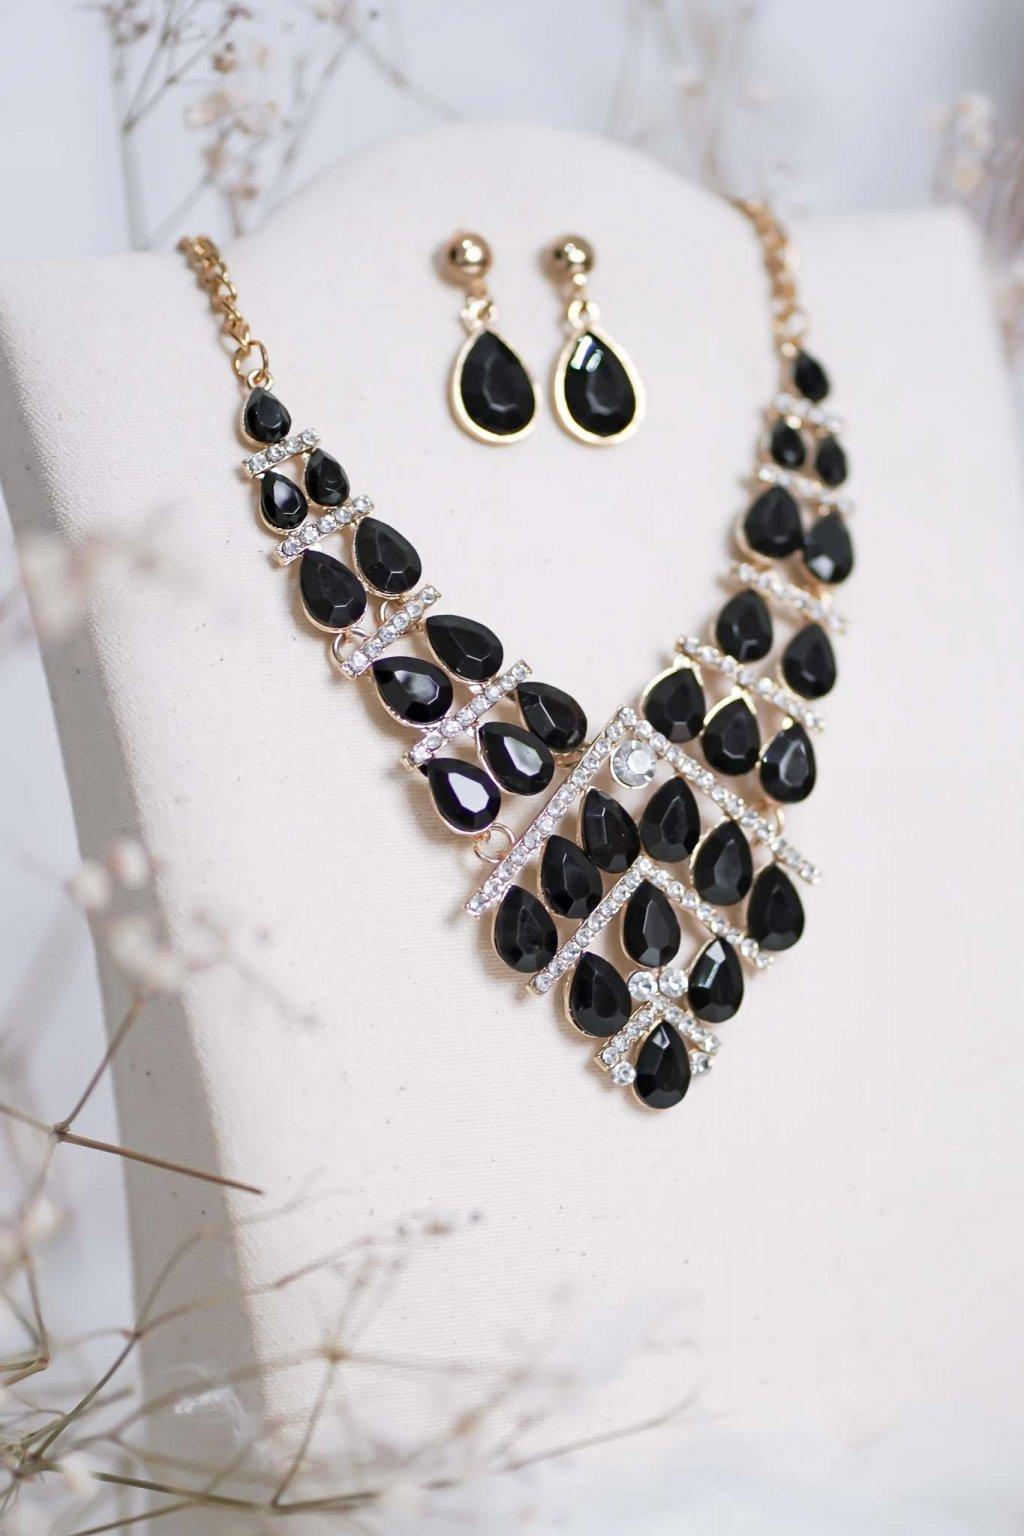 náhrdelník, spoločenský, bežný deň, kamienkový, farebný, čierny, strieborný, zelený, cyklamenévy, náhrdelník, bižuteria, šperk, šperky, ples, stužková, svadba, 064